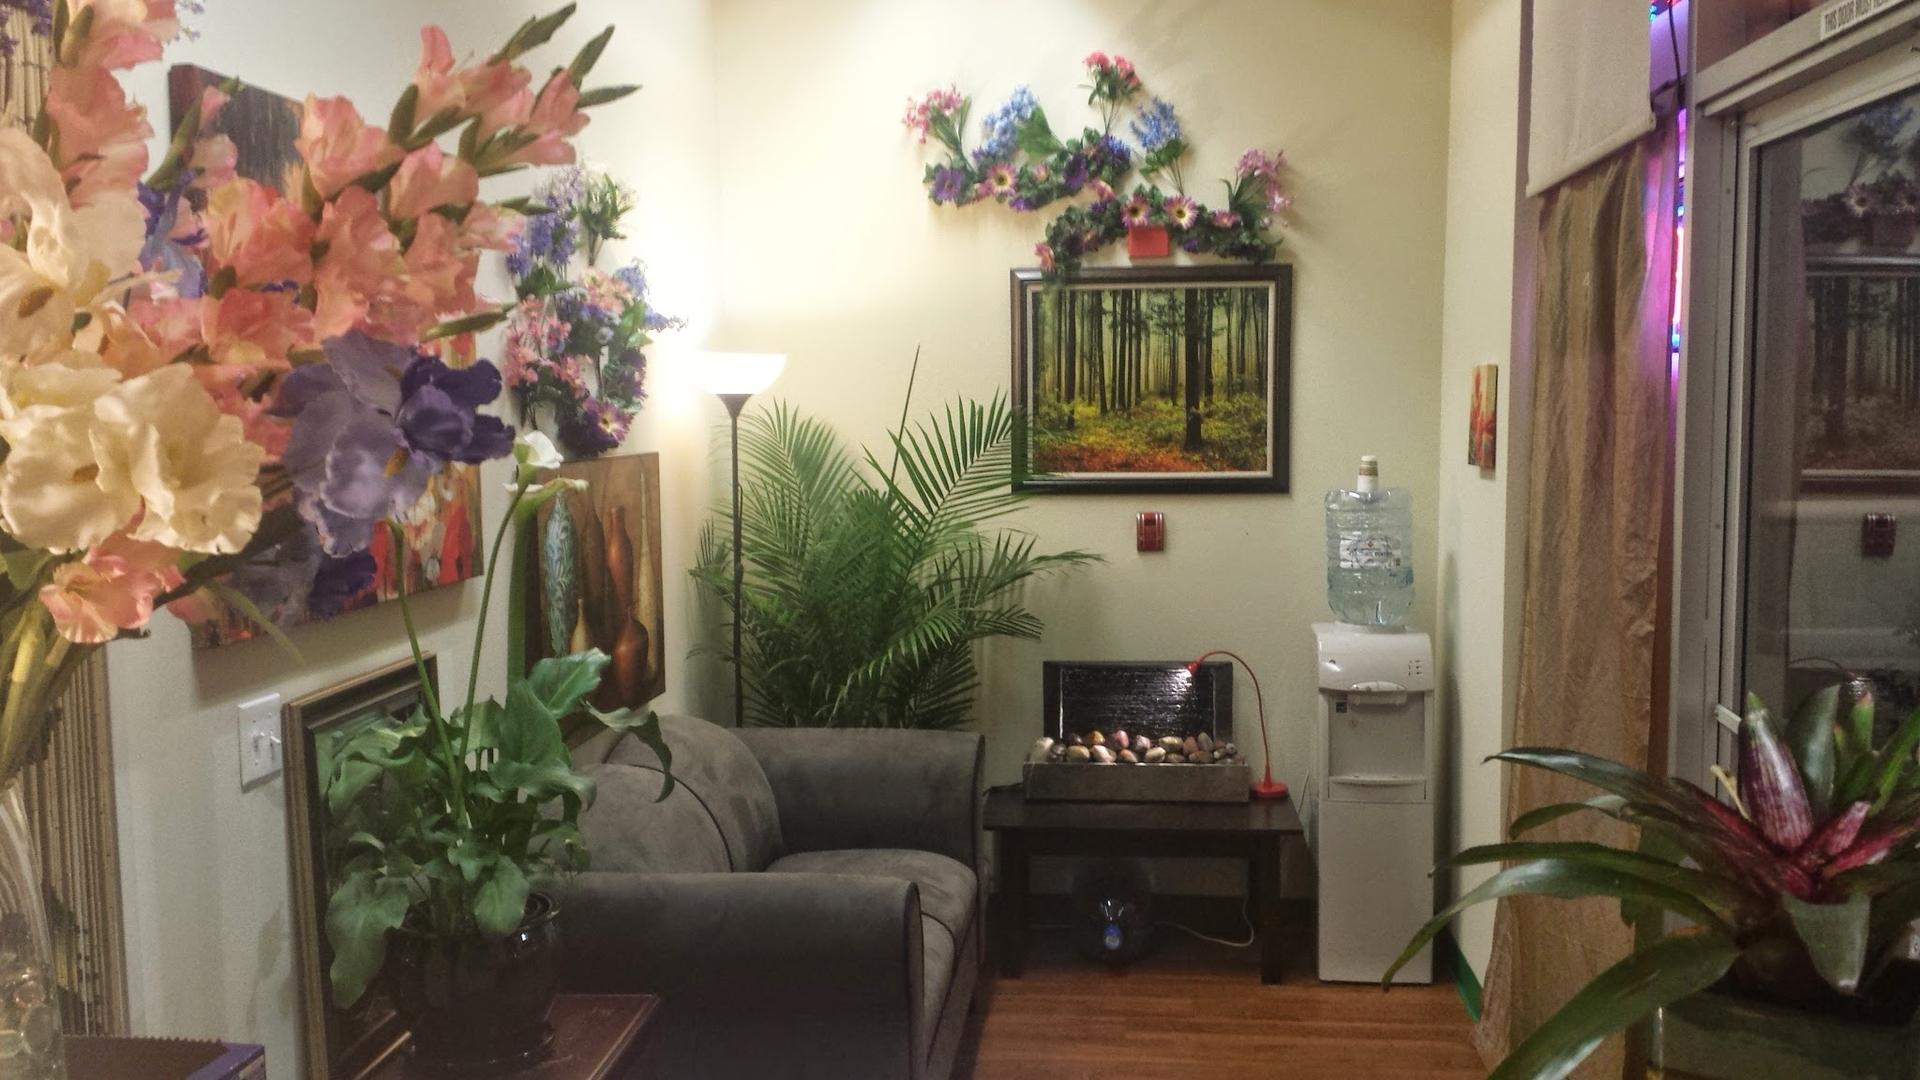 Miss U Massage Spa Asian Full Body Massage Therapy